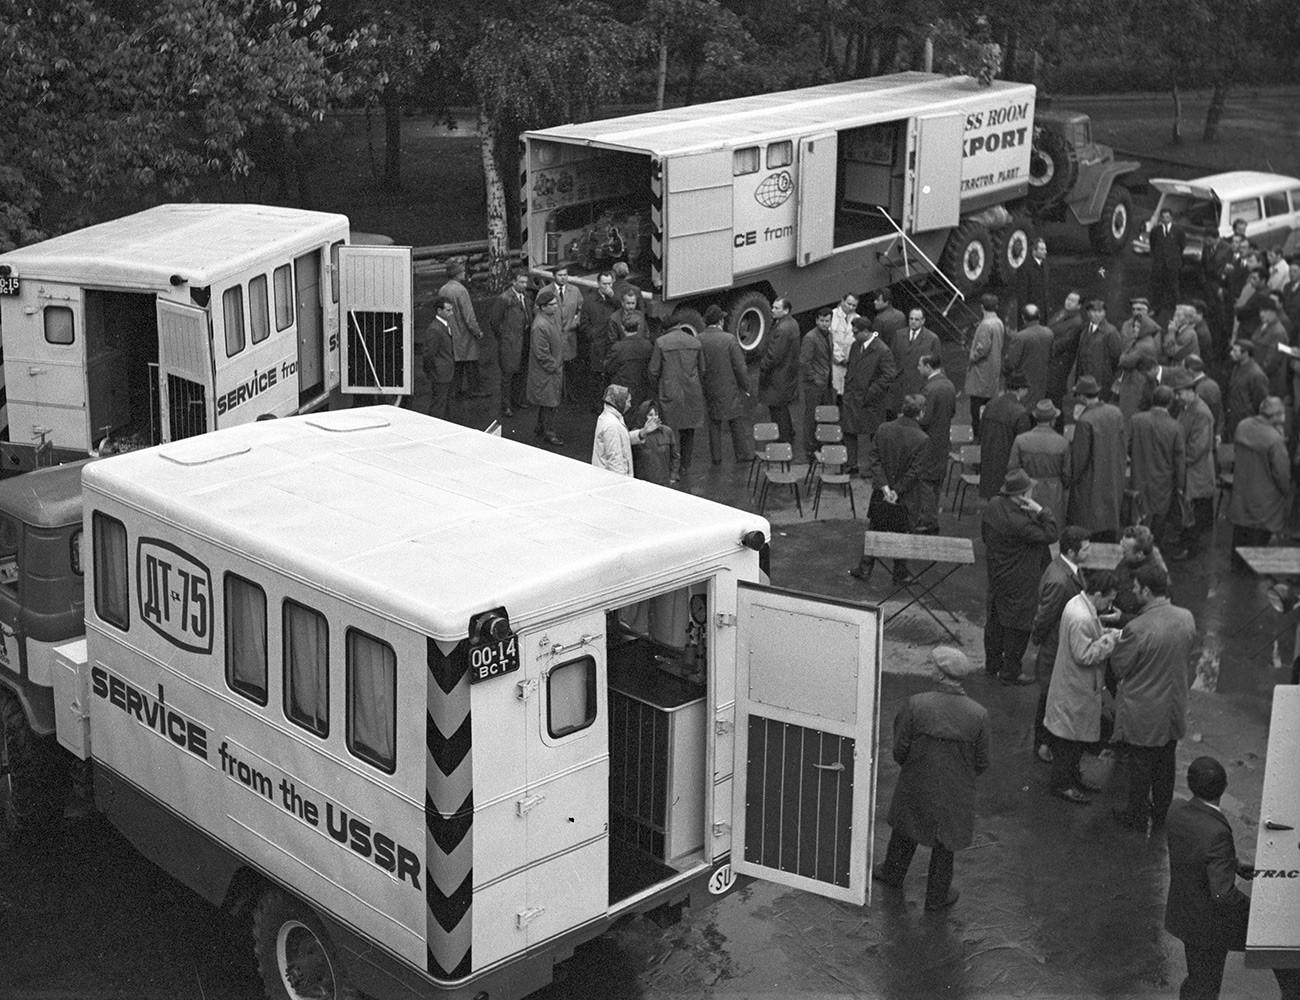 Scuola su ruote creata dalla fabbrica di trattori di Volgograd per gli operatori in Polonia, 1975